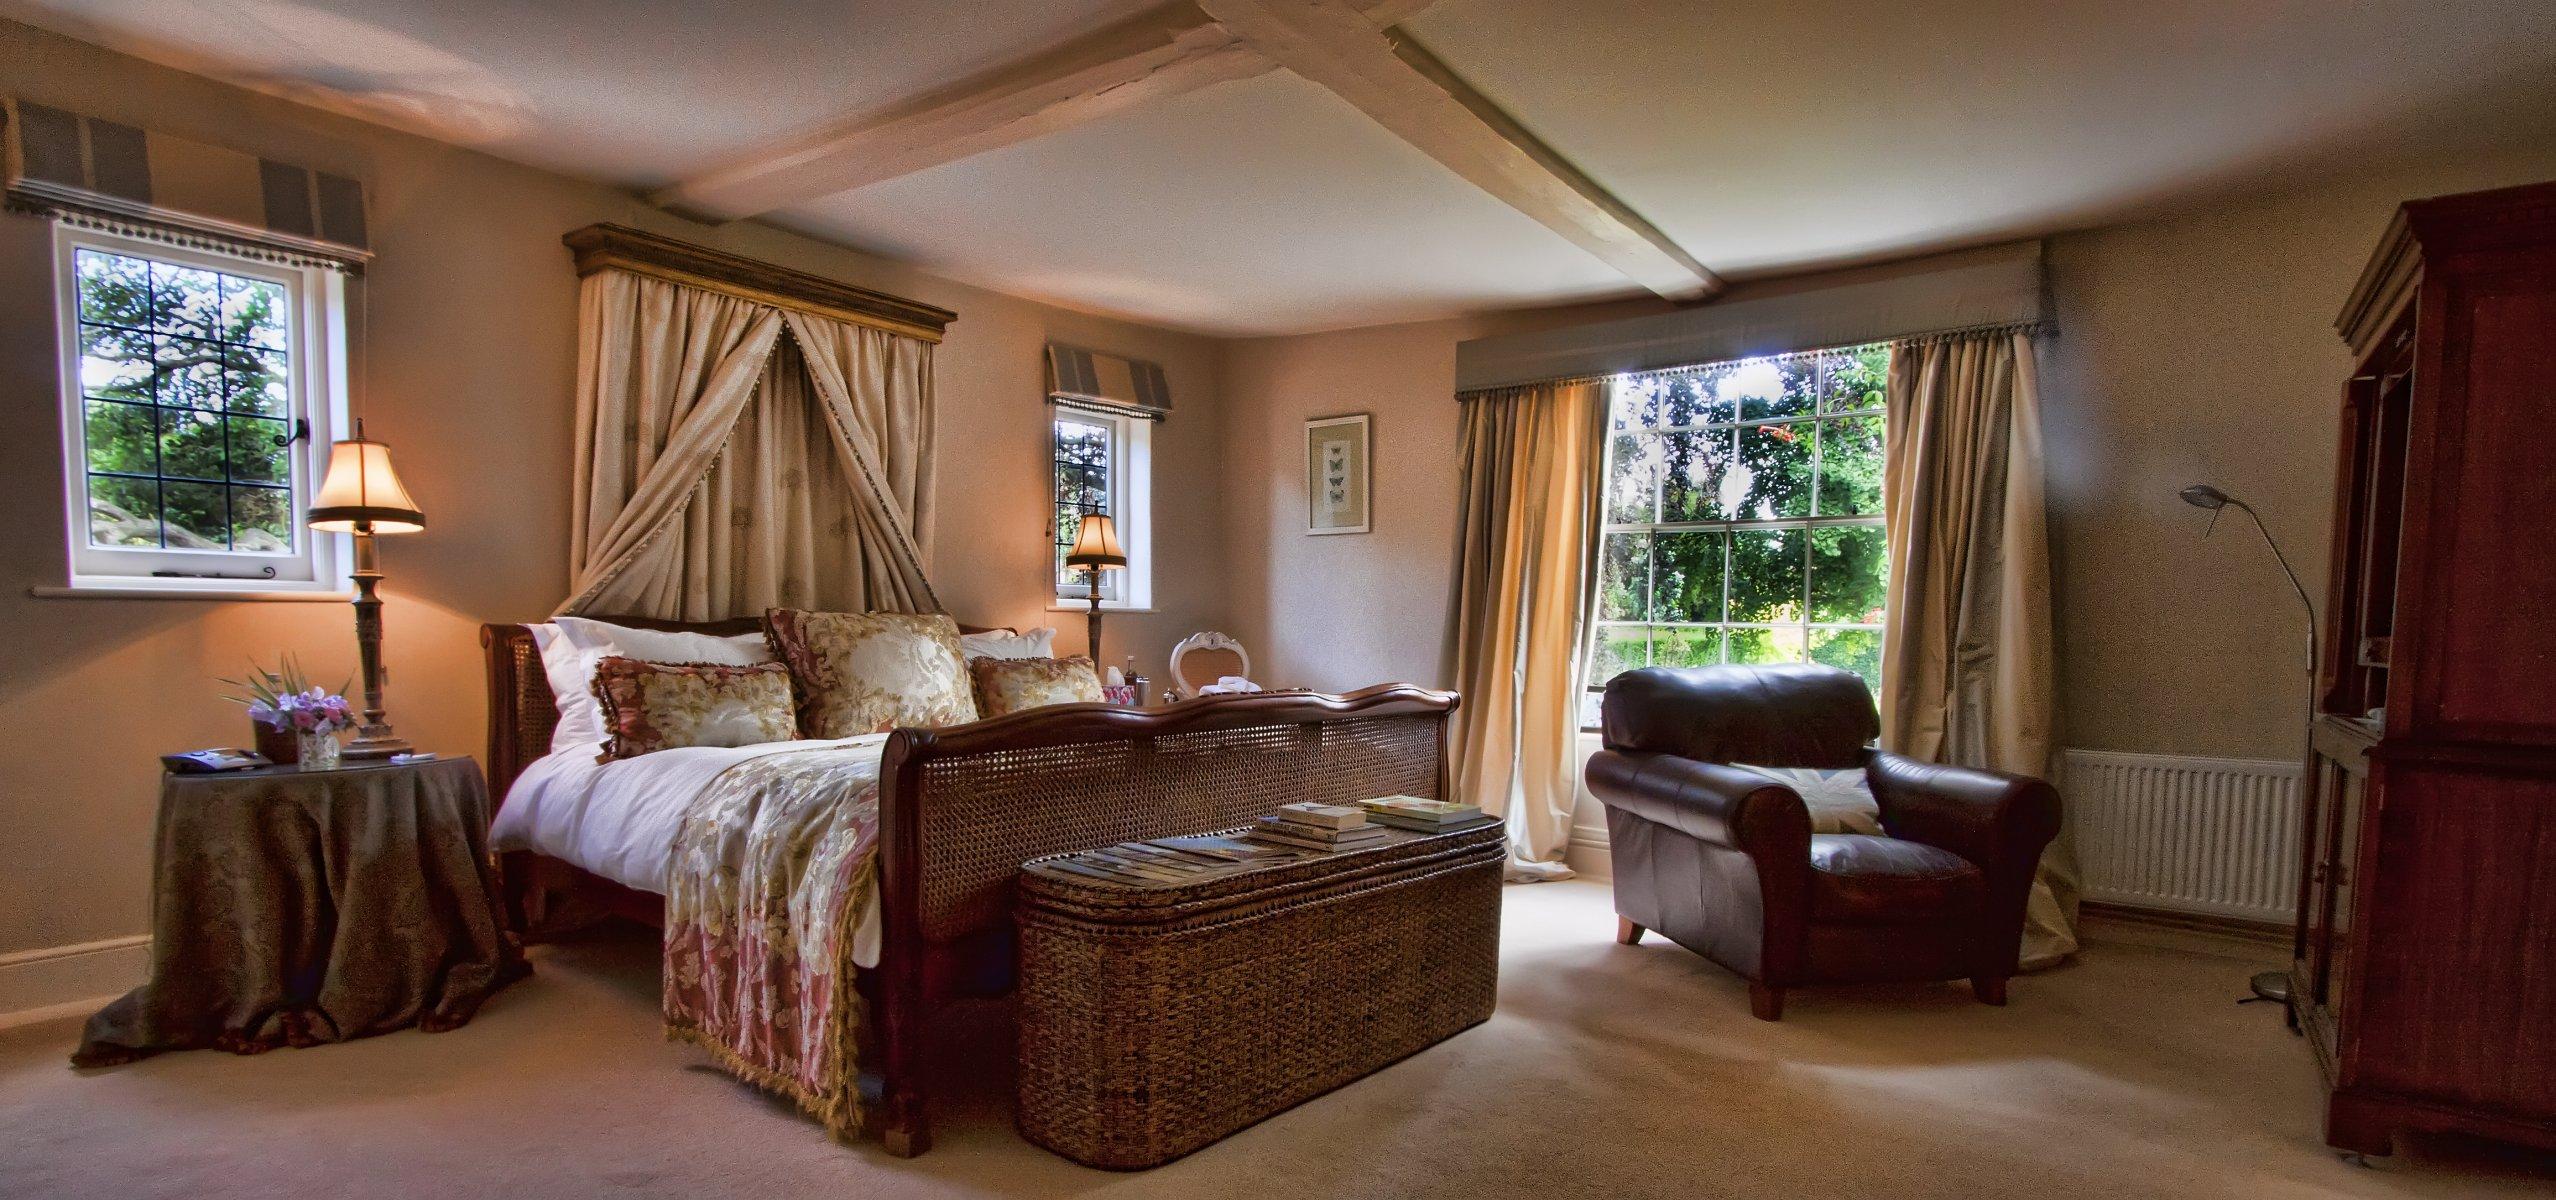 комната в коричневом стиле  № 1730720  скачать